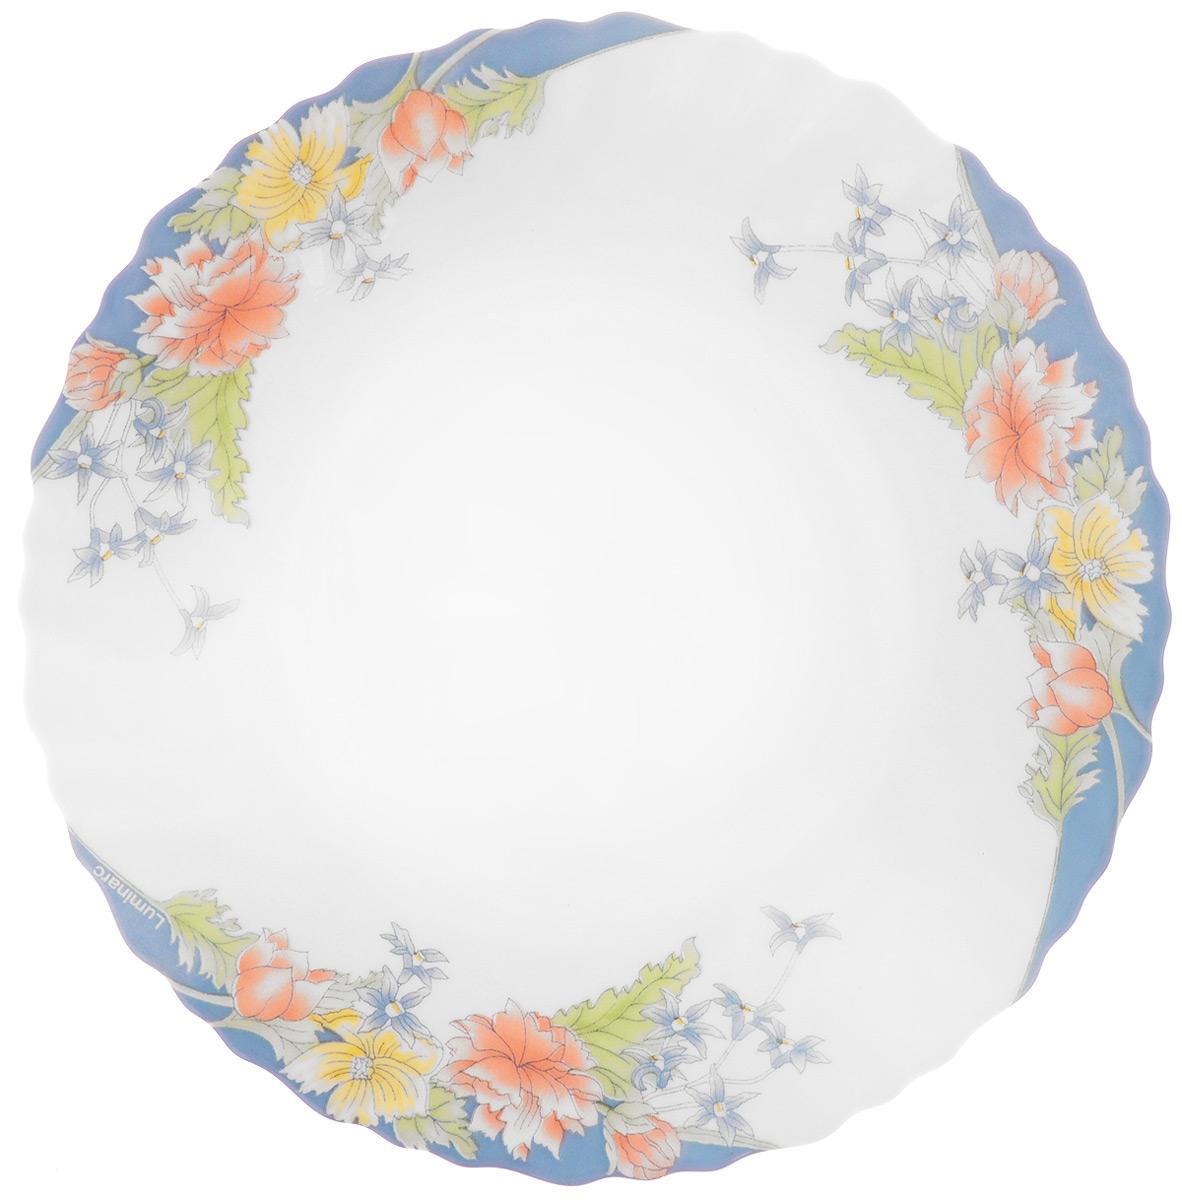 Тарелка десертная Luminarc Florine, диаметр 19 смH4132Десертная тарелка Luminarc Florine, изготовленная из ударопрочного стекла, декорирована красочным цветочным изображением. Такая тарелка прекрасно подходит как для торжественных случаев, так и для повседневного использования. Идеальна для подачи десертов, пирожных, тортов и многого другого. Она прекрасно оформит стол и станет отличным дополнением к вашей коллекции кухонной посуды. Можно использовать в СВЧ и мыть в посудомоечной машине. Диаметр тарелки (по верхнему краю): 19 см. Высота тарелки: 1,5 см.